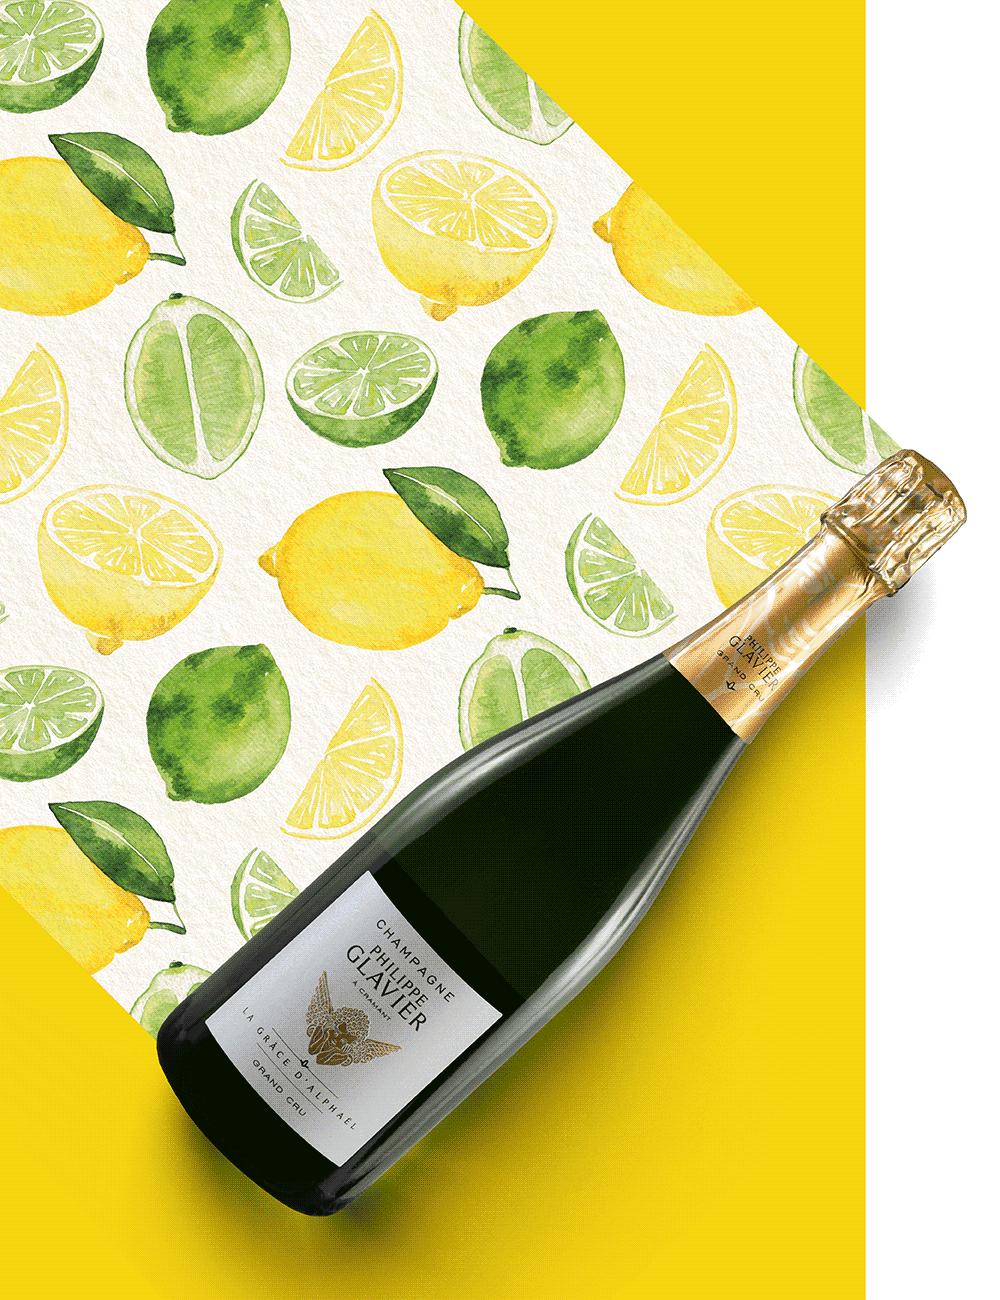 Magnum Gift: Champagne Philippe Glavier La Grâce d'Alphaël Grand Cru Extra Brut NV